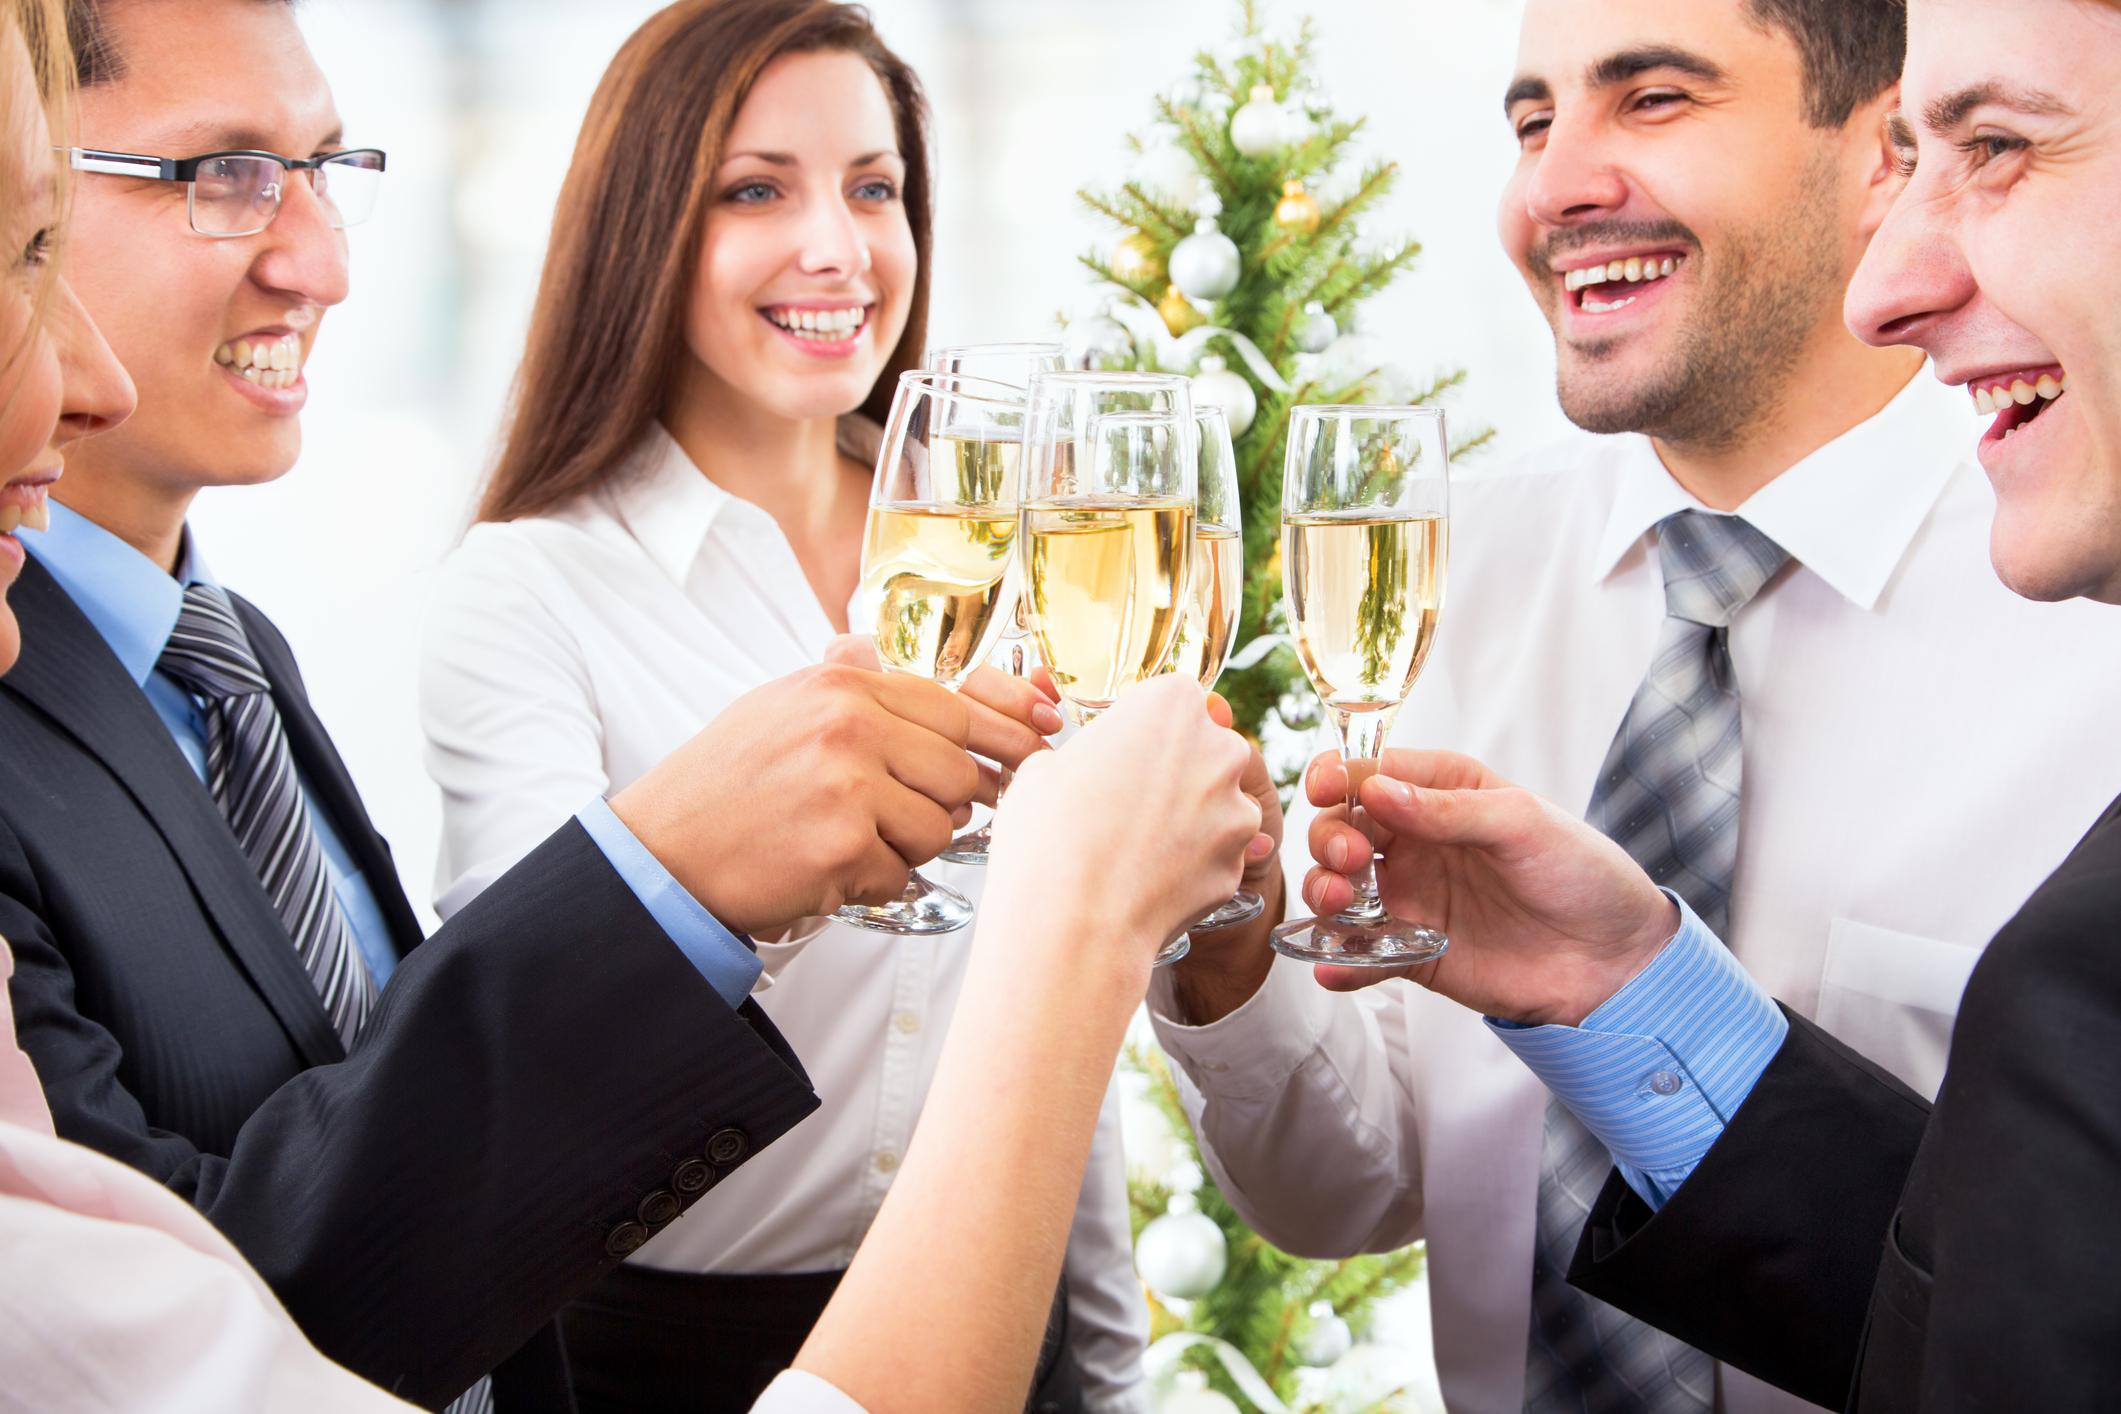 Professionals toasting